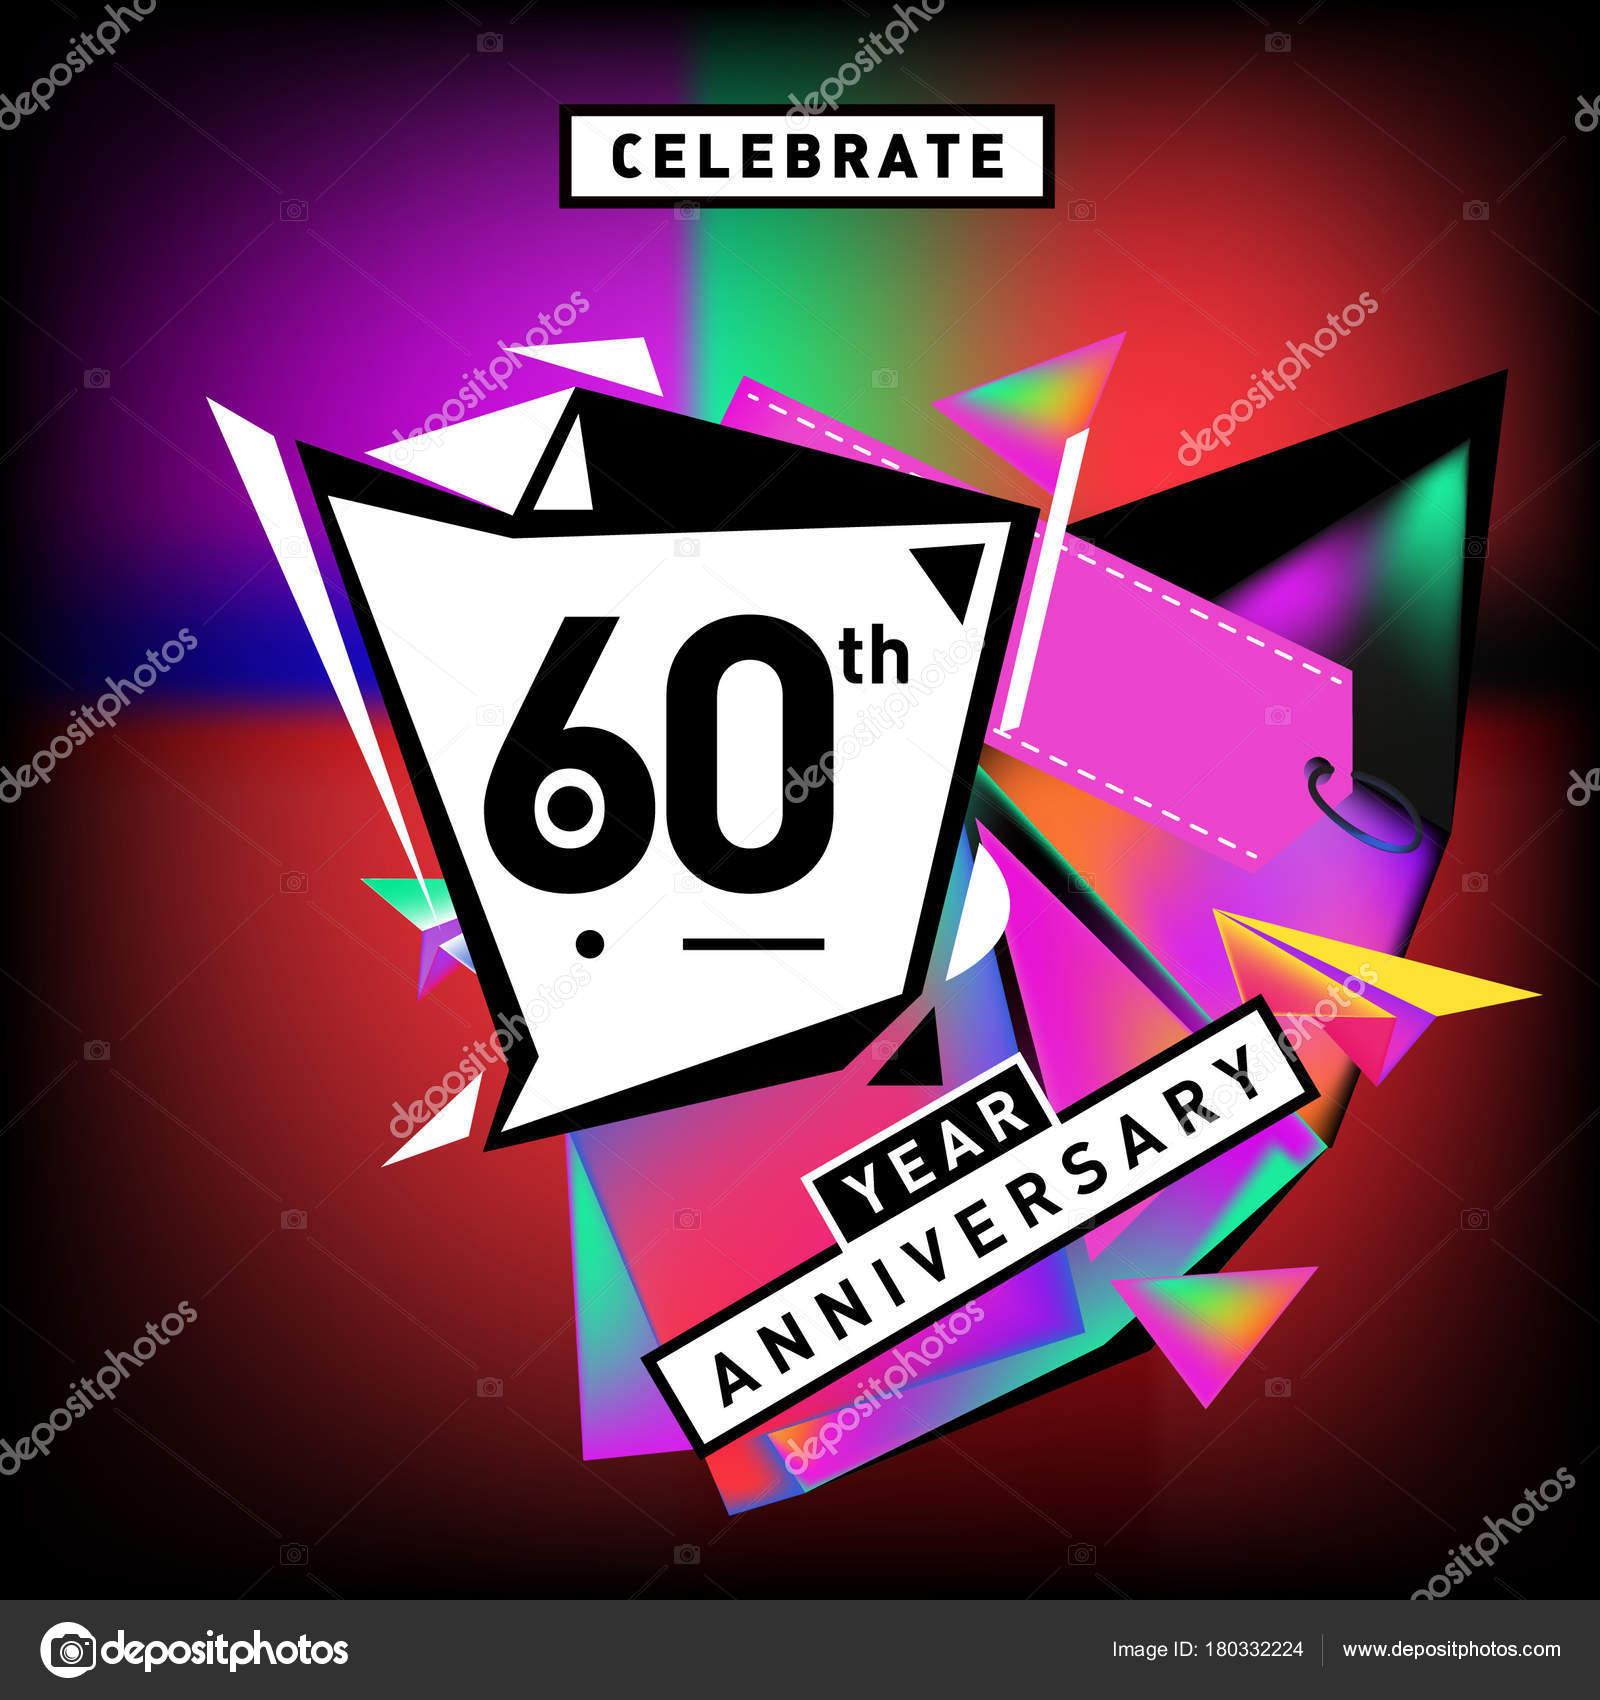 Karte 60 Geburtstag.Geburtstag Karte Mit Farbigen Hintergrund Geburtstagslogo